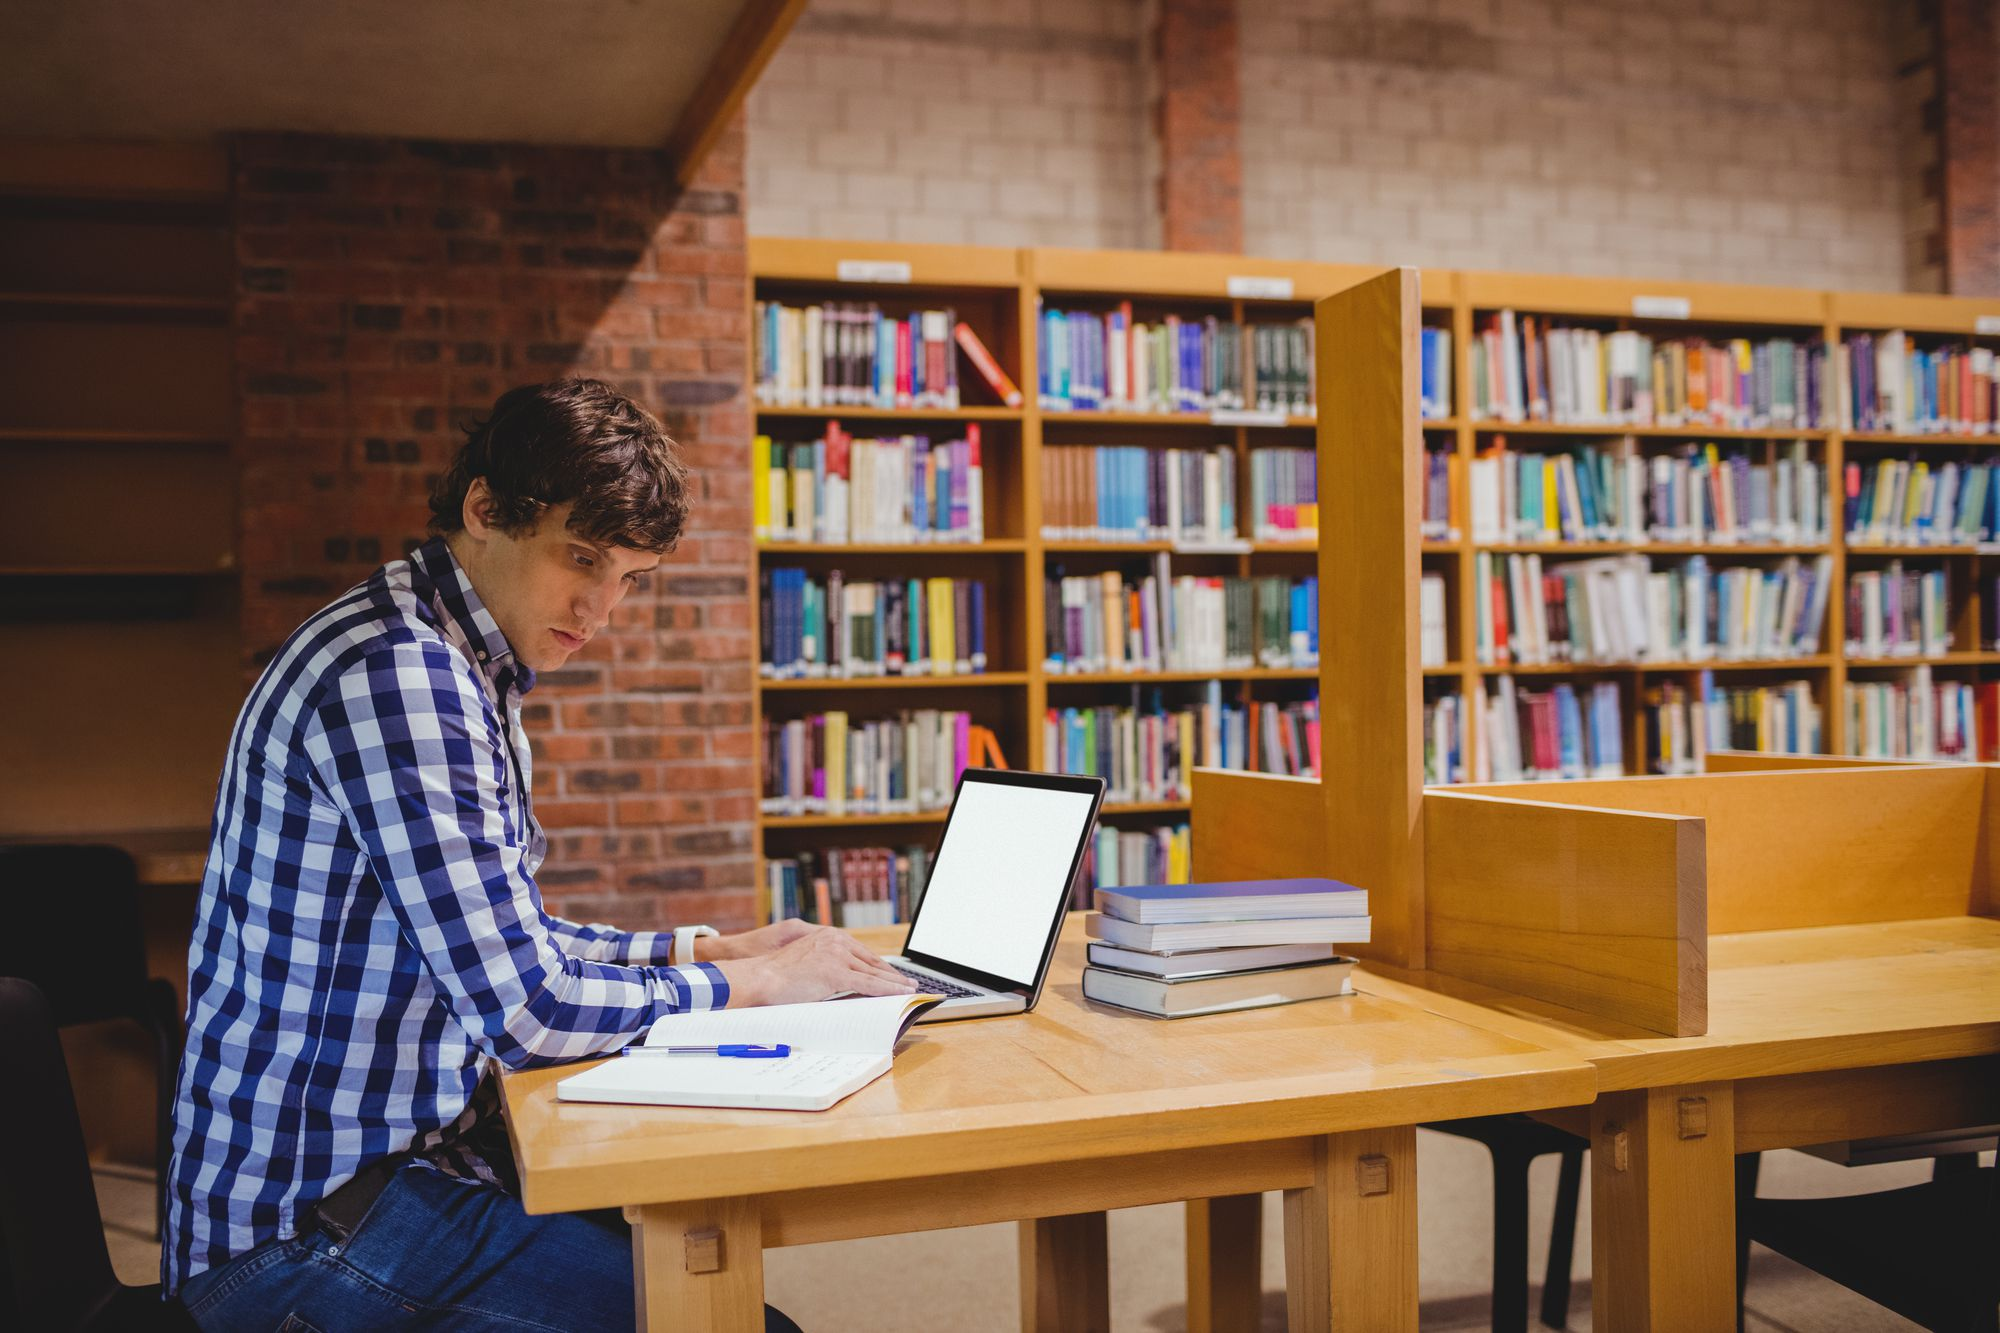 Os 4 principais erros ao estudar inglês e maneiras de evit??-los